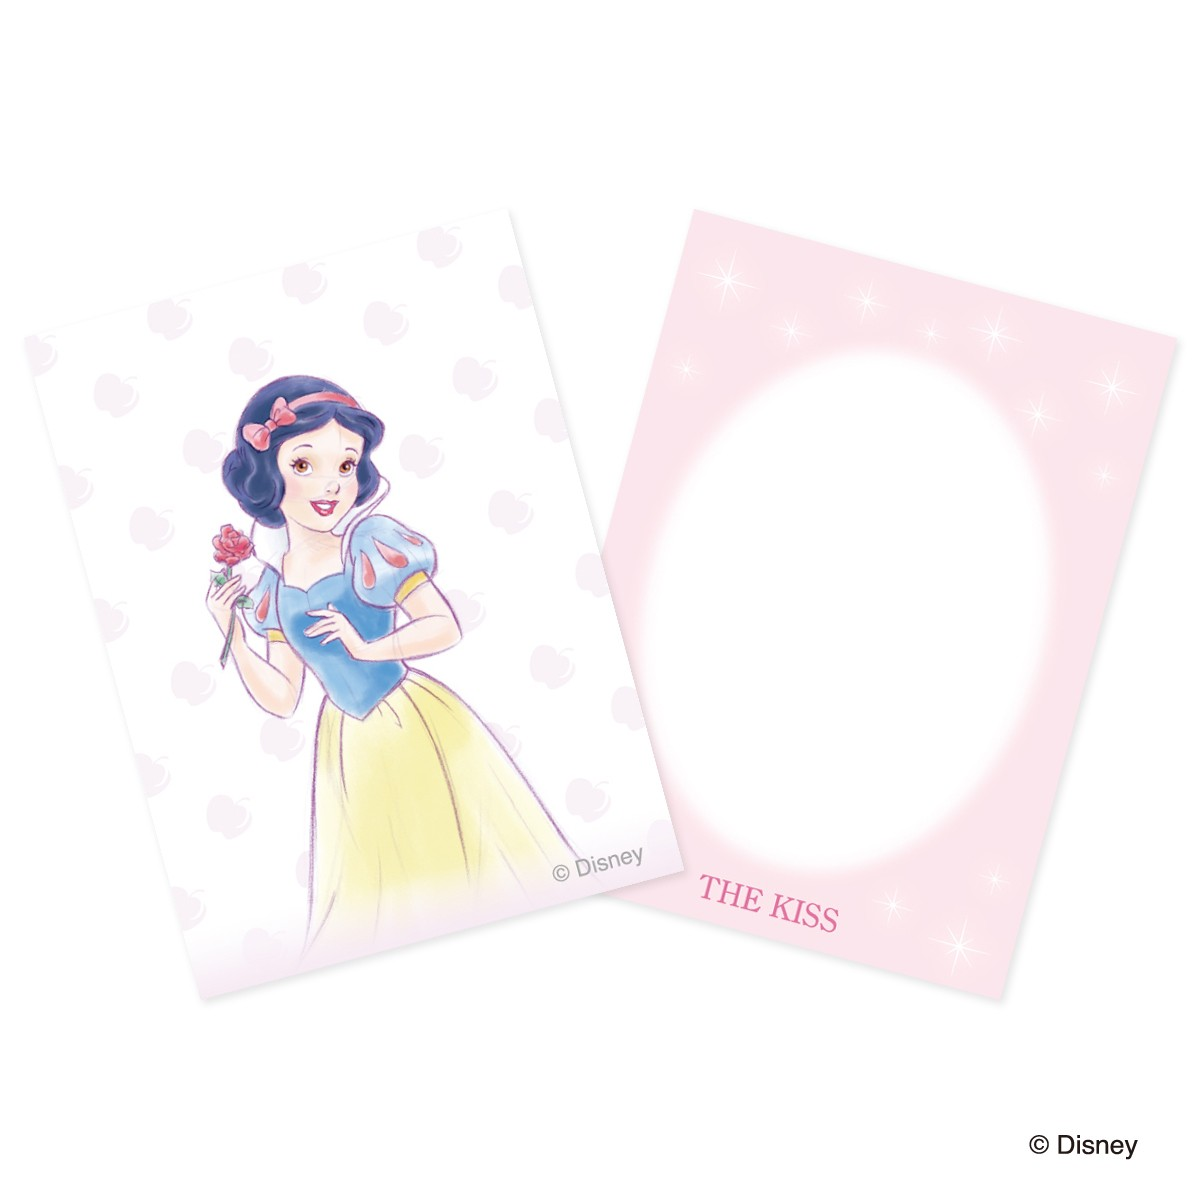 【ディズニー】THE KISS プリンセス 白雪姫 ネックレス DI-SN1812CB 【Disney】